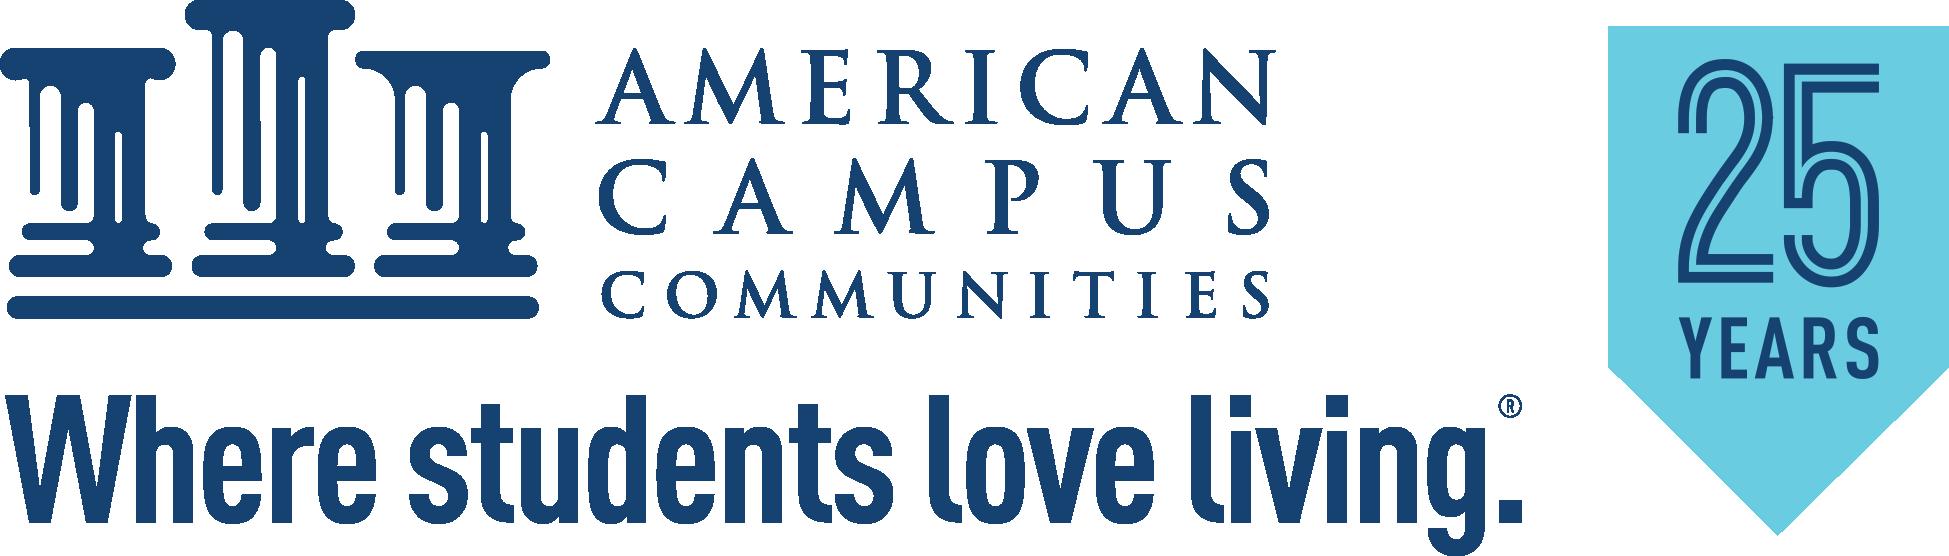 American Campus Communities-logo